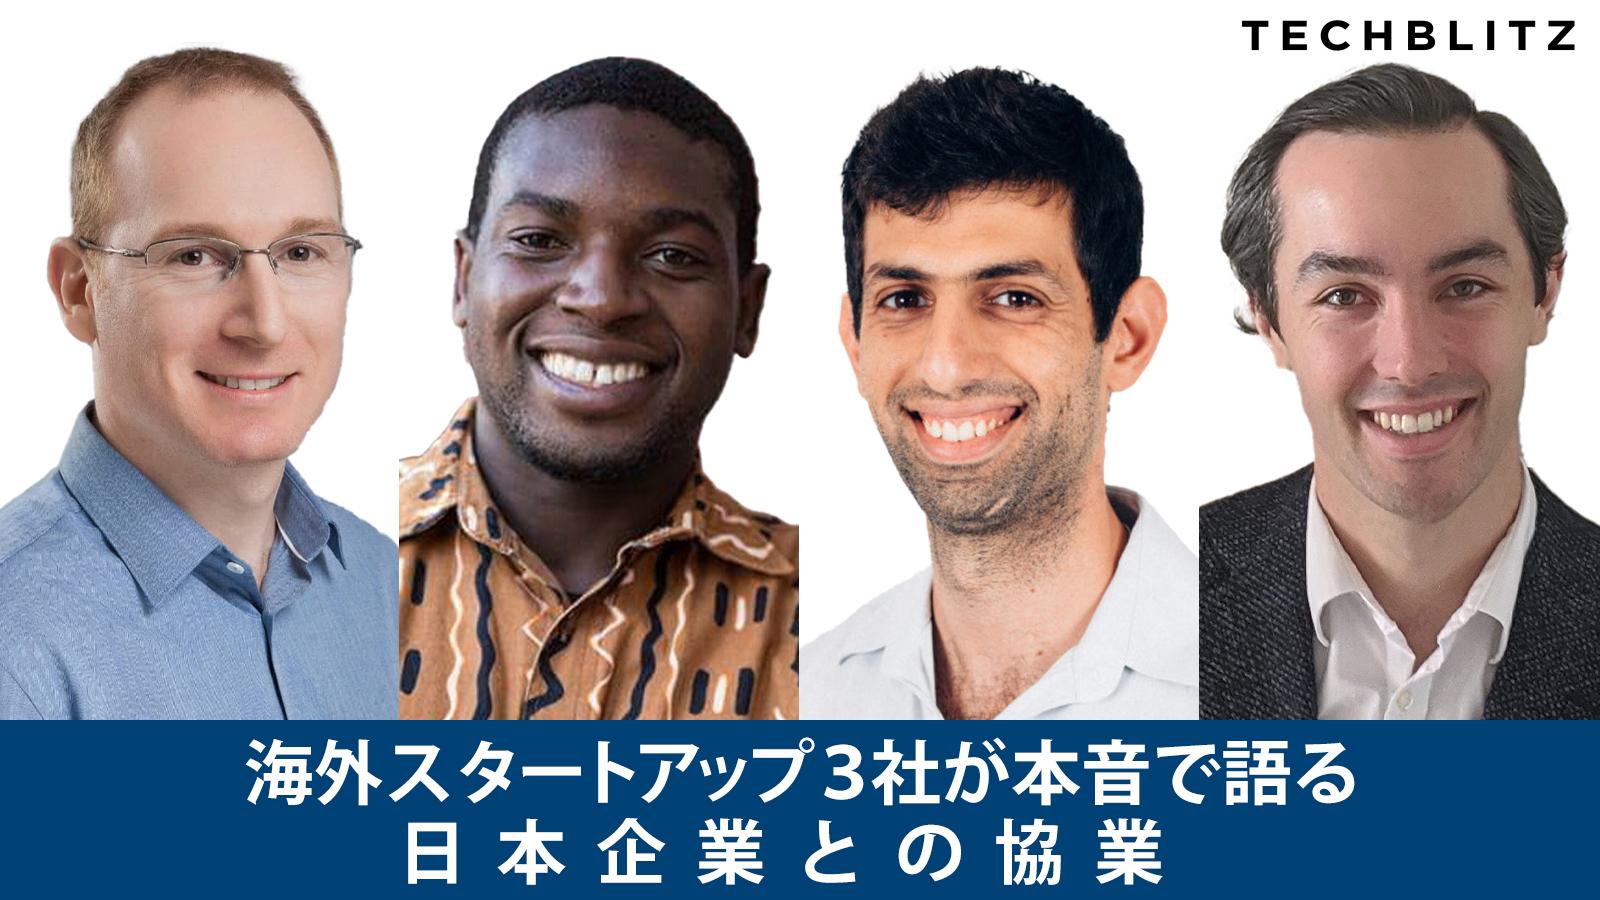 海外スタートアップ3社が本音で語る、日本企業との協業 – TECHBLITZ